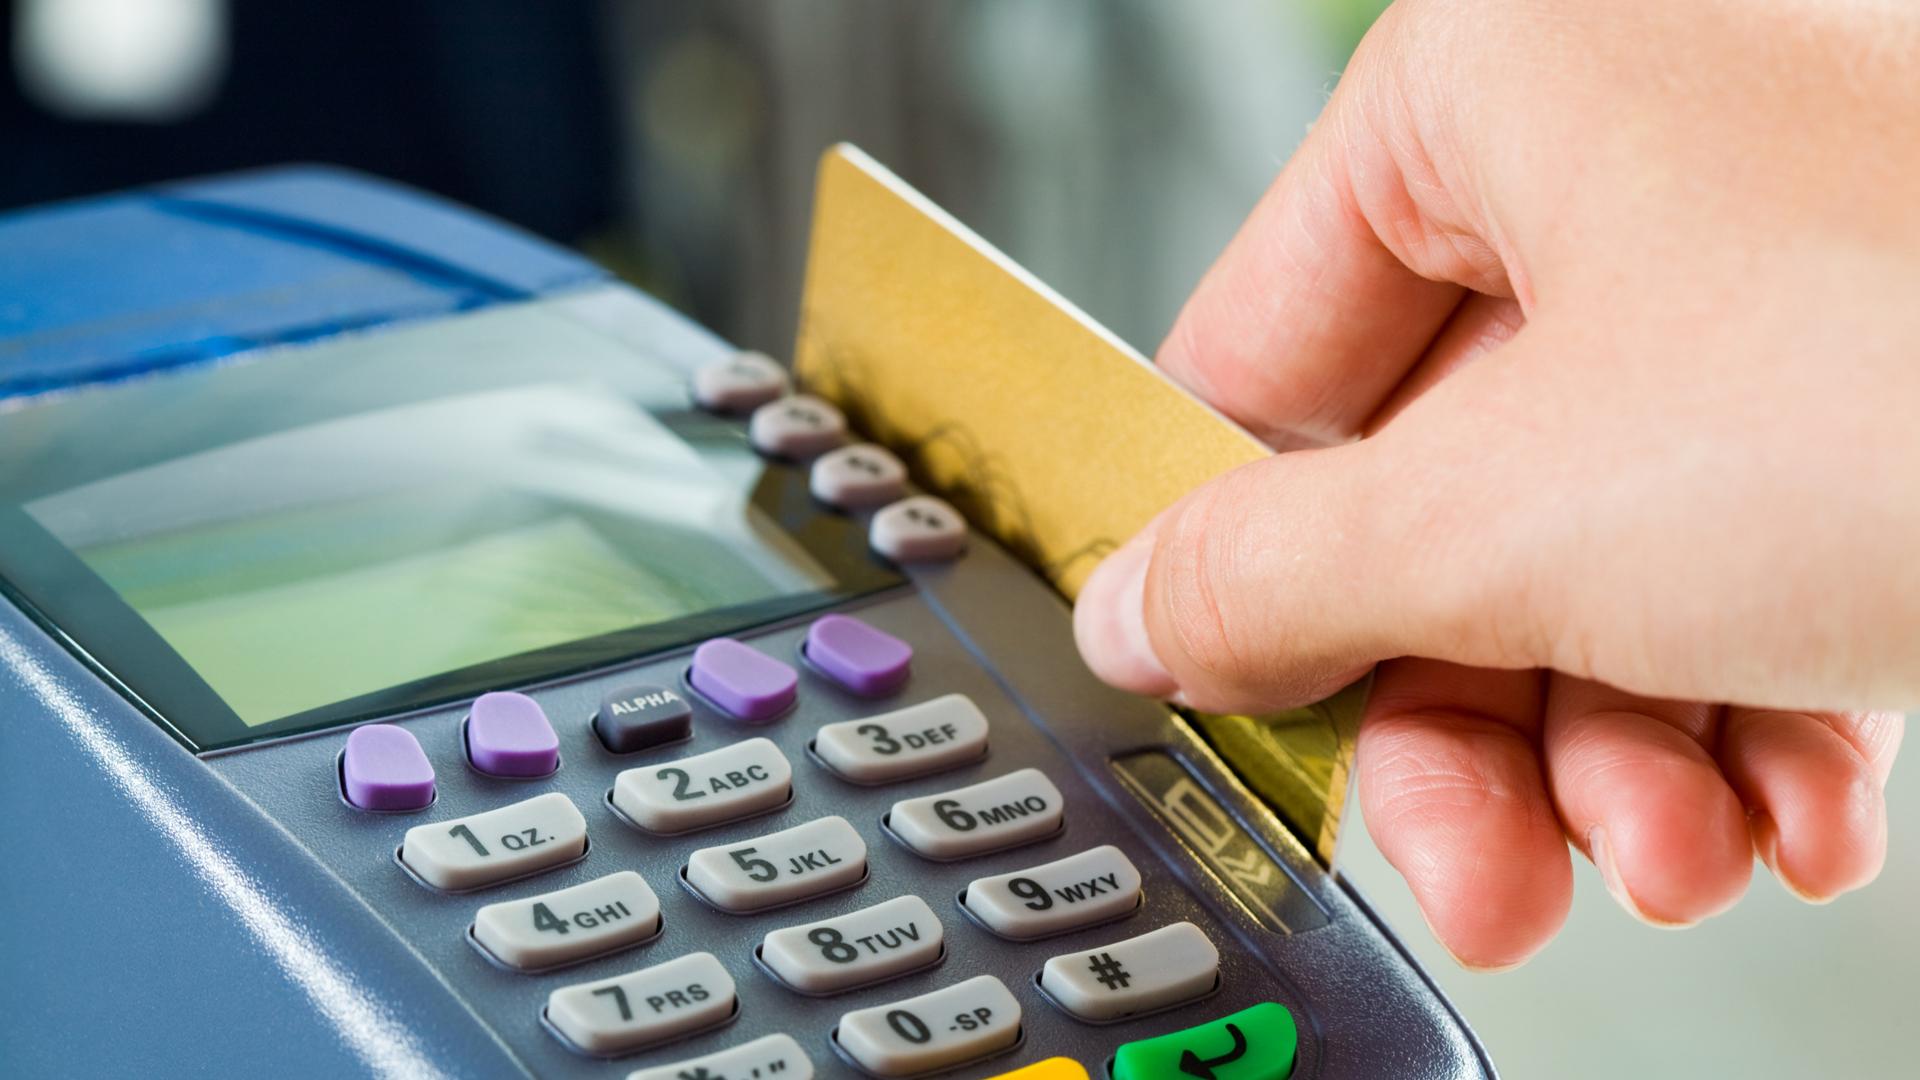 El hombre usó su tarjeta de crédito para ayudar a Alesha.